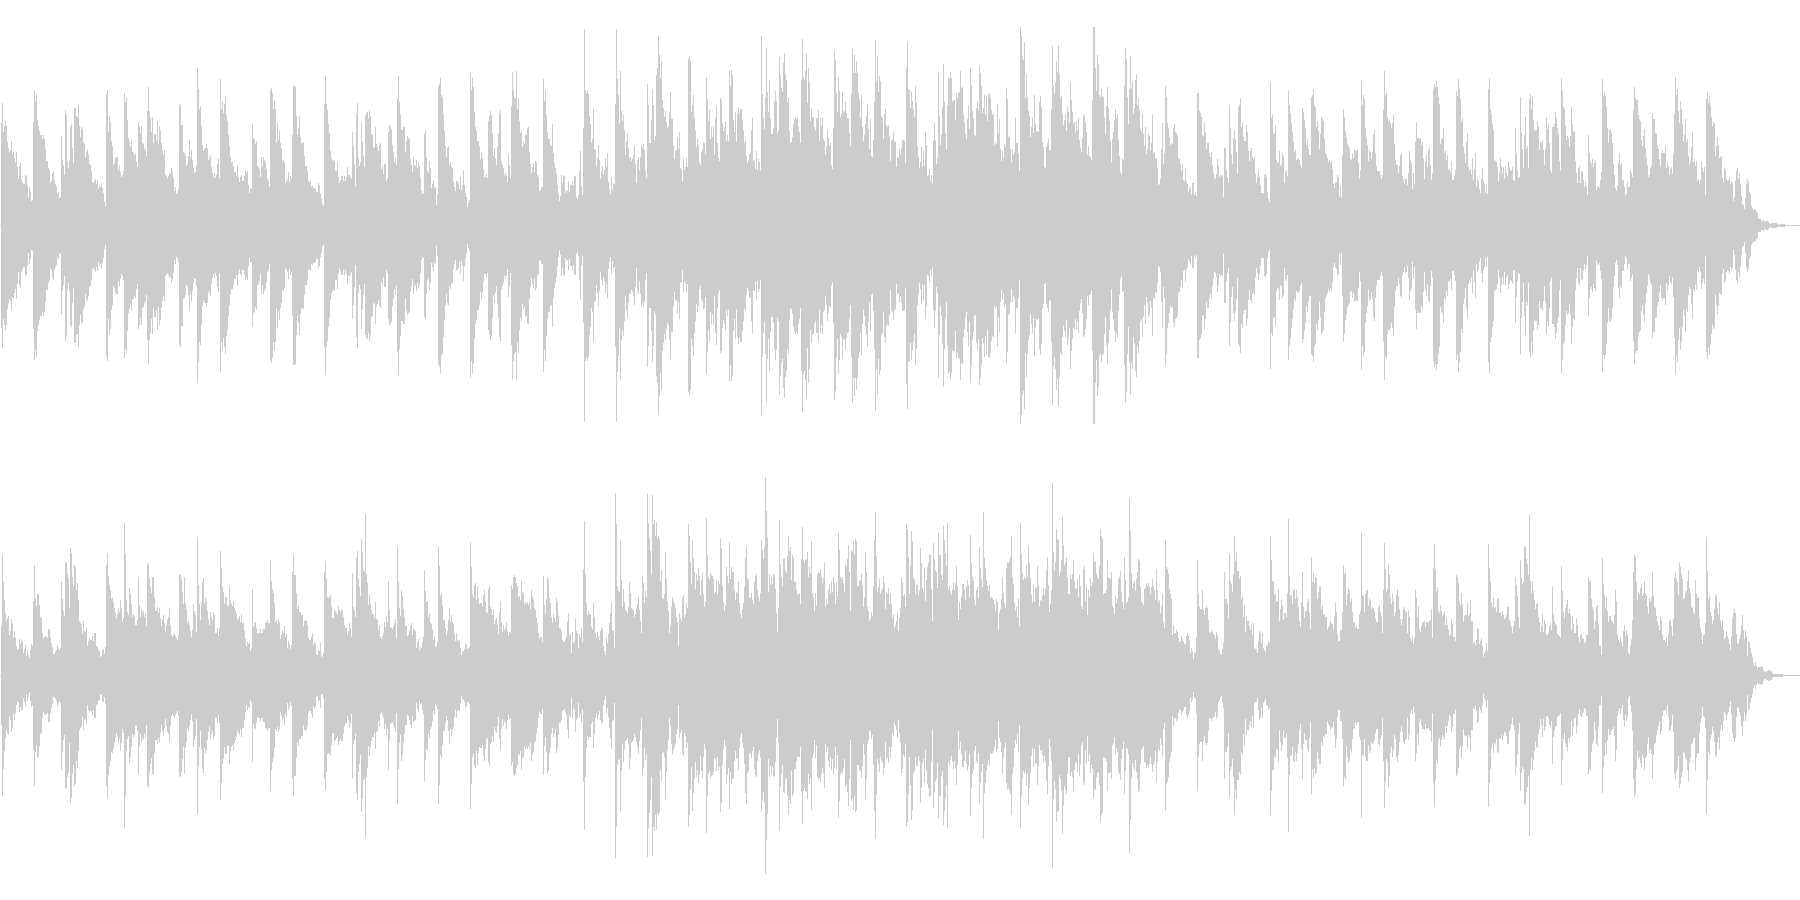 静かなピアノの旋律が印象的なバラードの未再生の波形